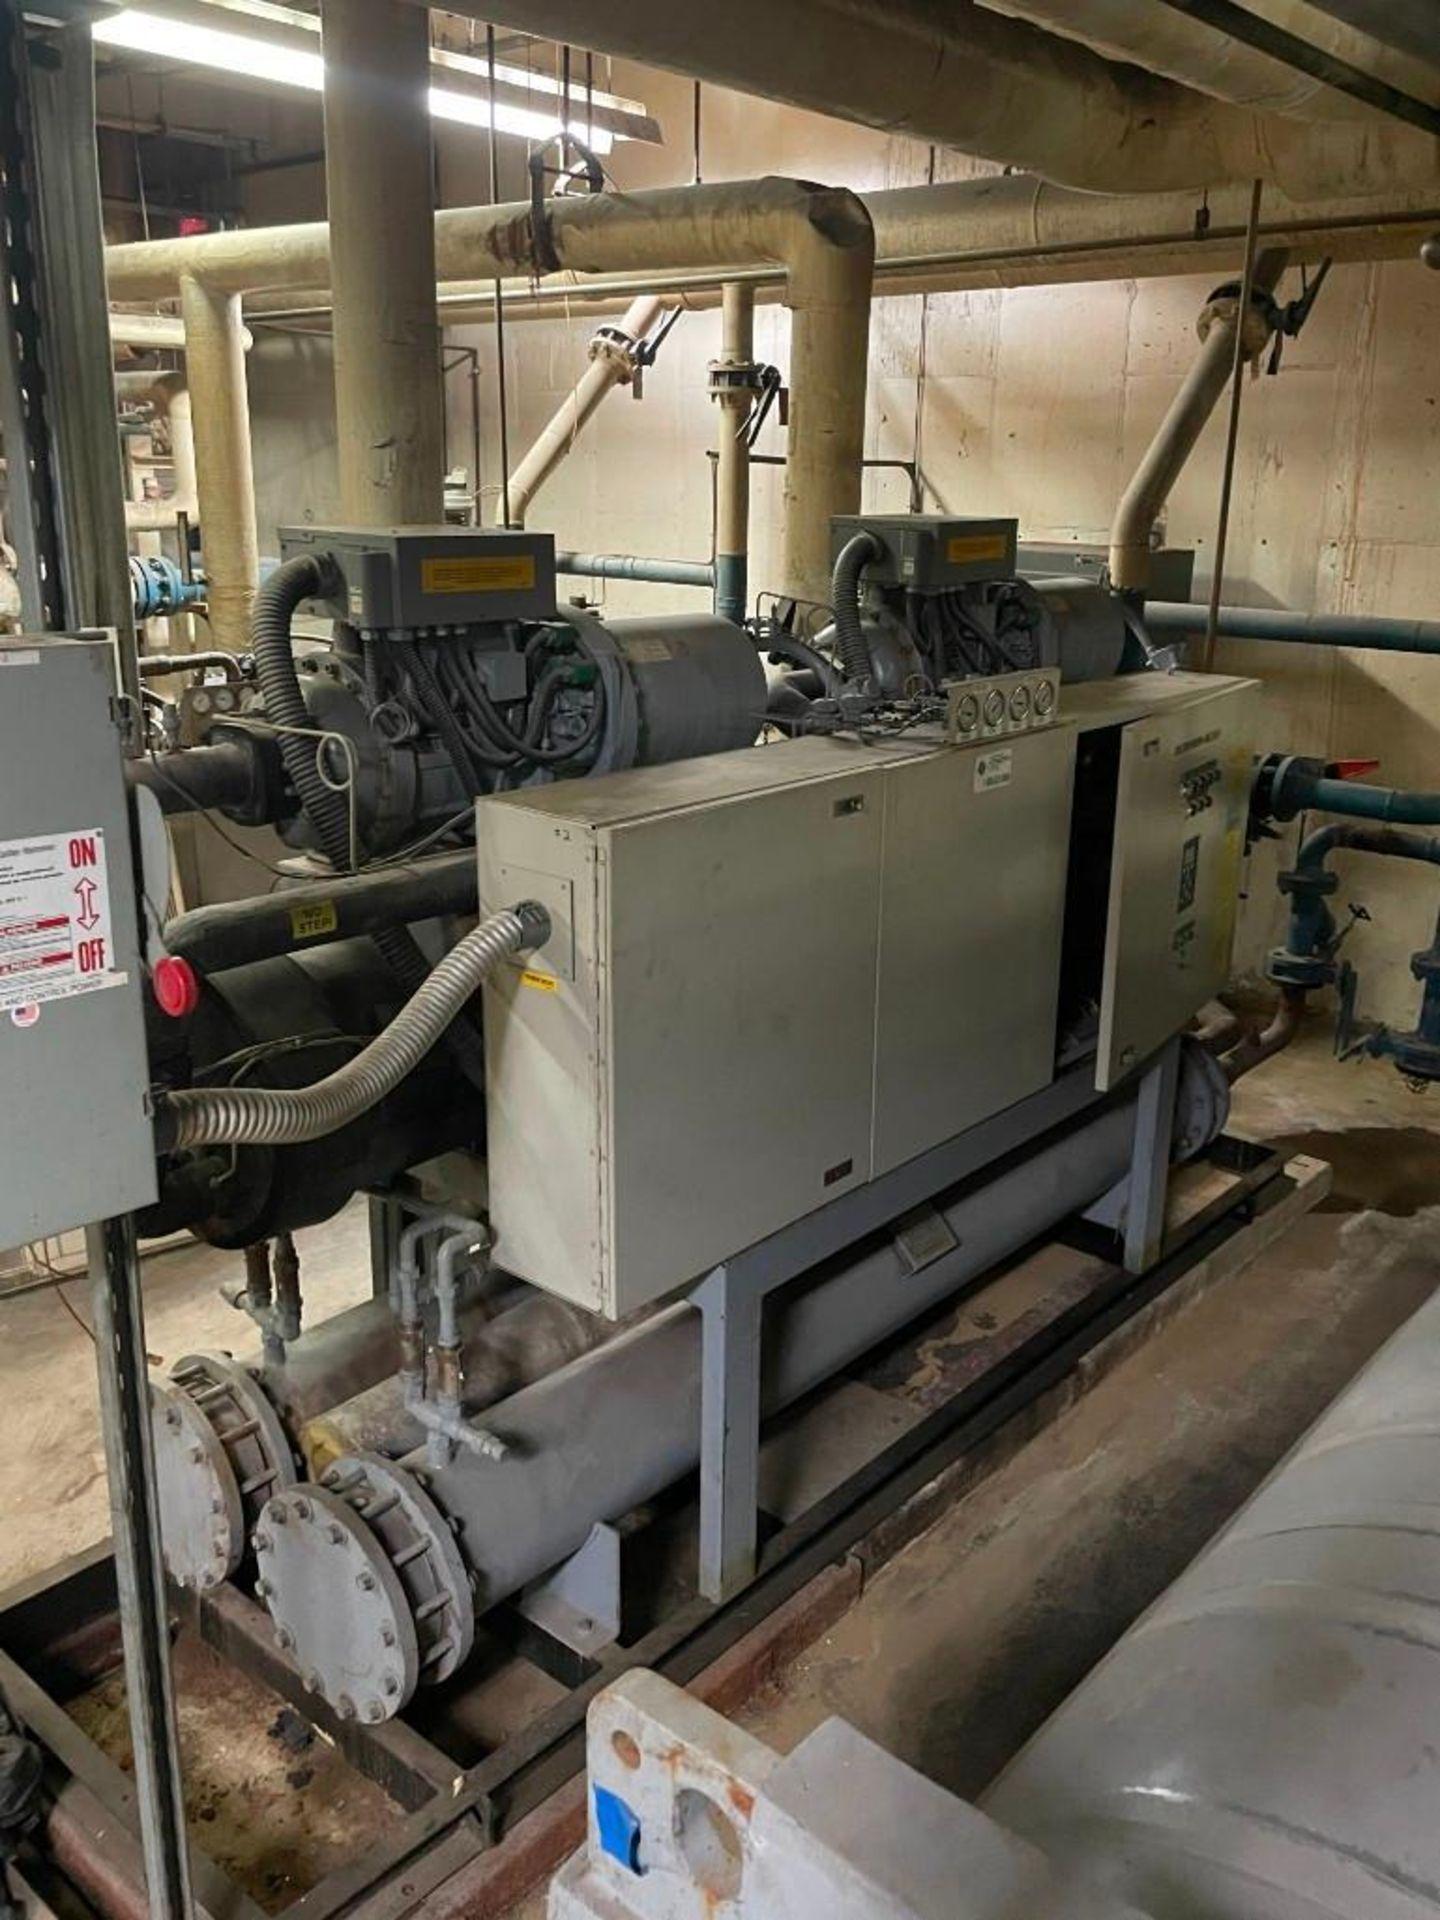 Dunham Bush HWSC-100-DAR Water Chiller